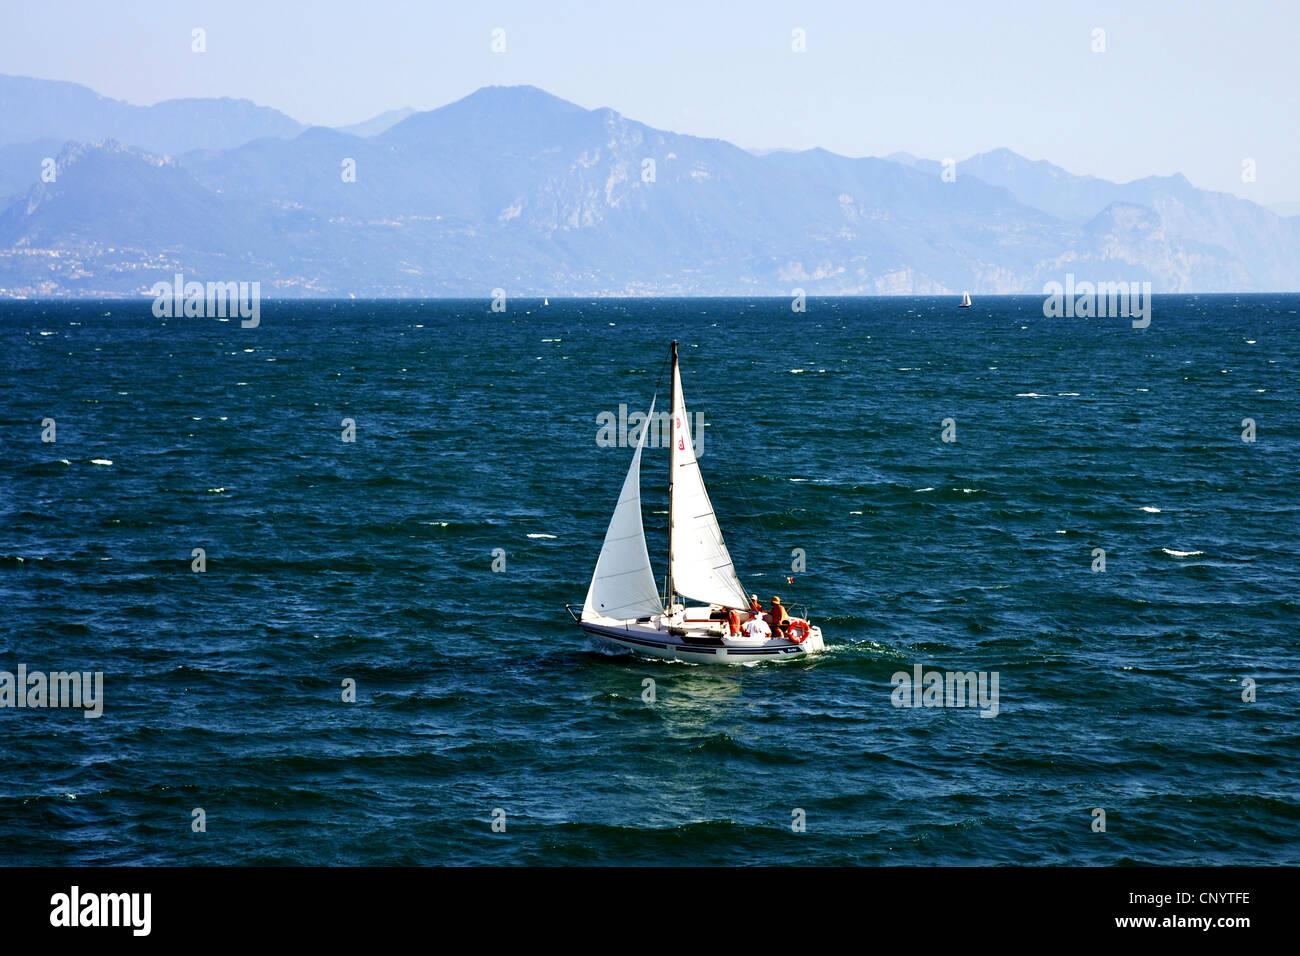 sailing boat on Lake Garda, Italy, Lake Garda, Lombardy, Desenzano del Garda - Stock Image